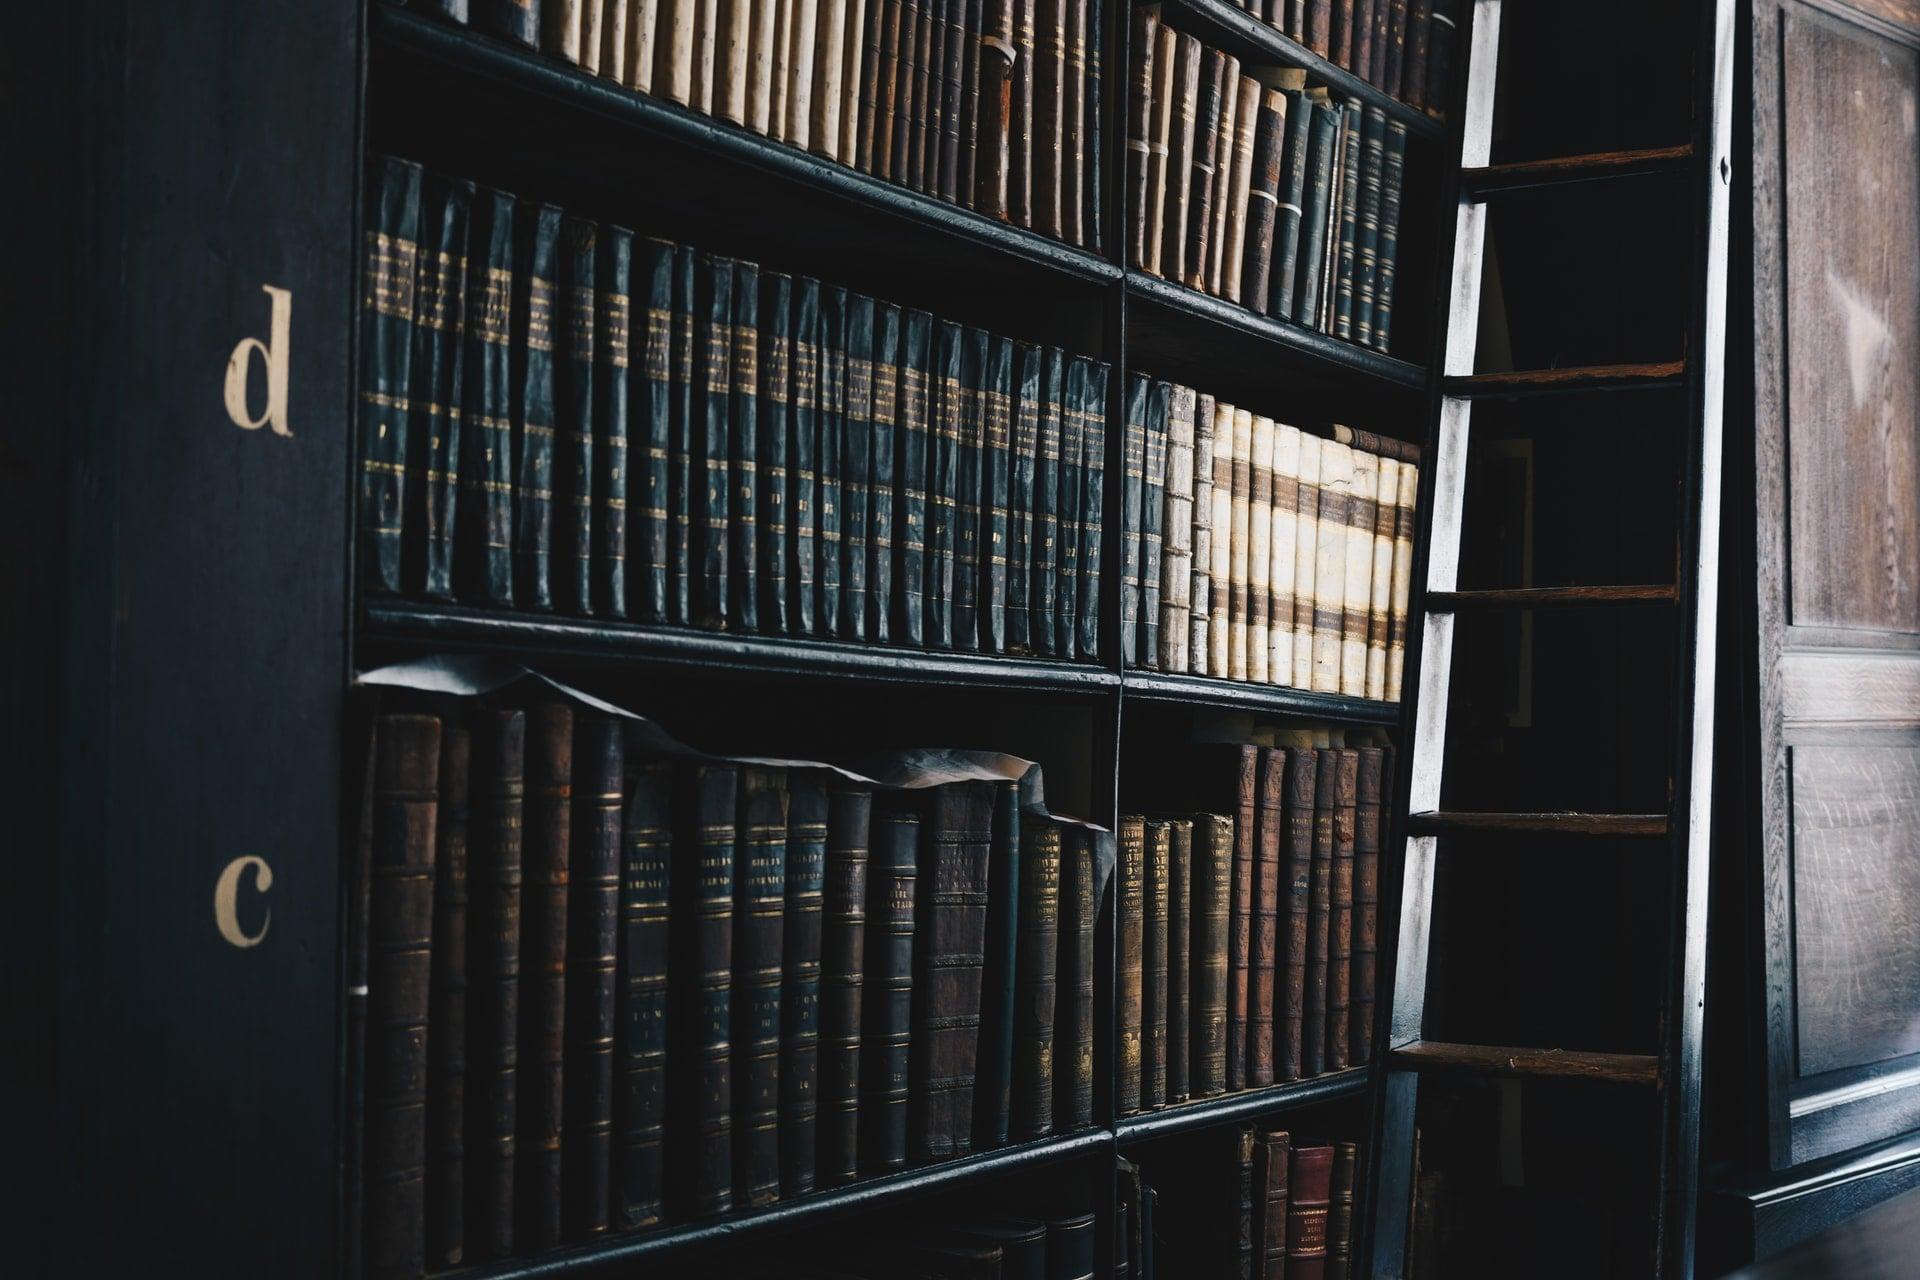 livres de philosophie dans une bibliothèque